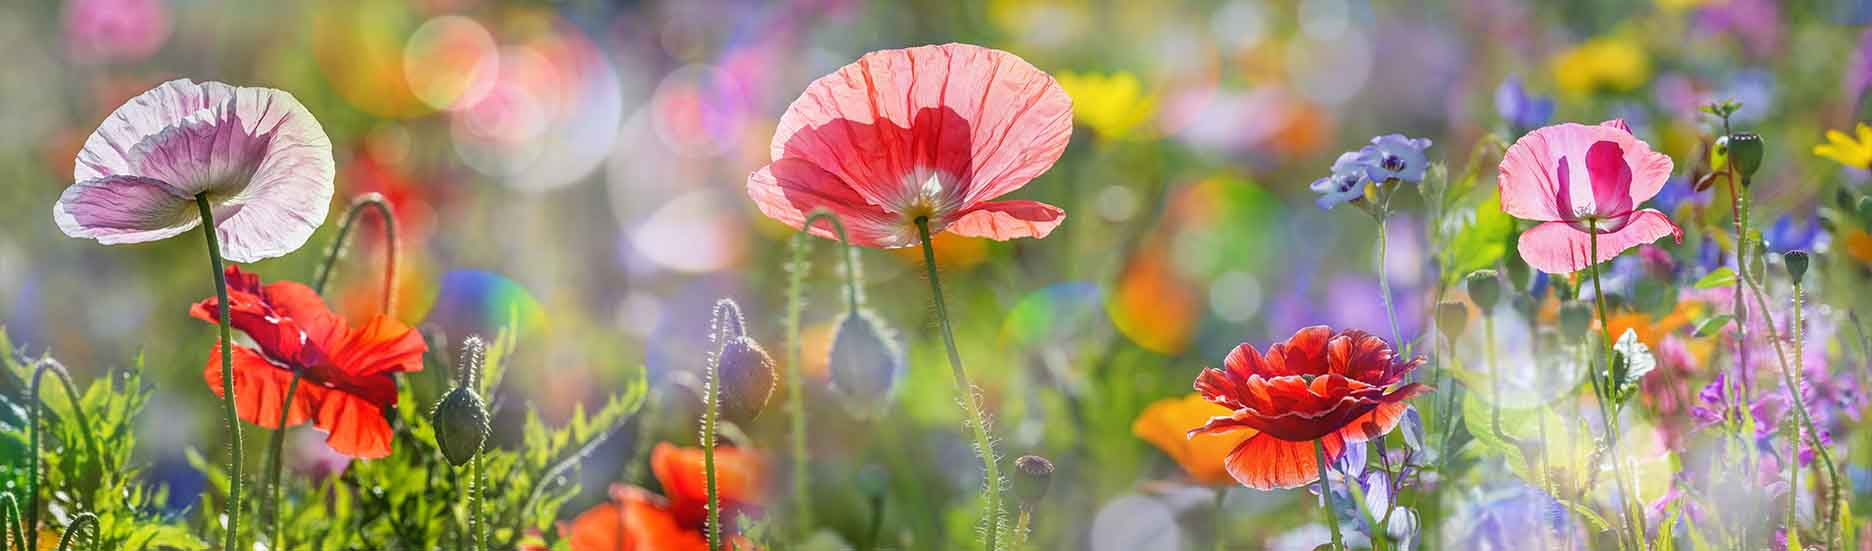 bunte Blumenwiese | Kerzen für Sternenkinder